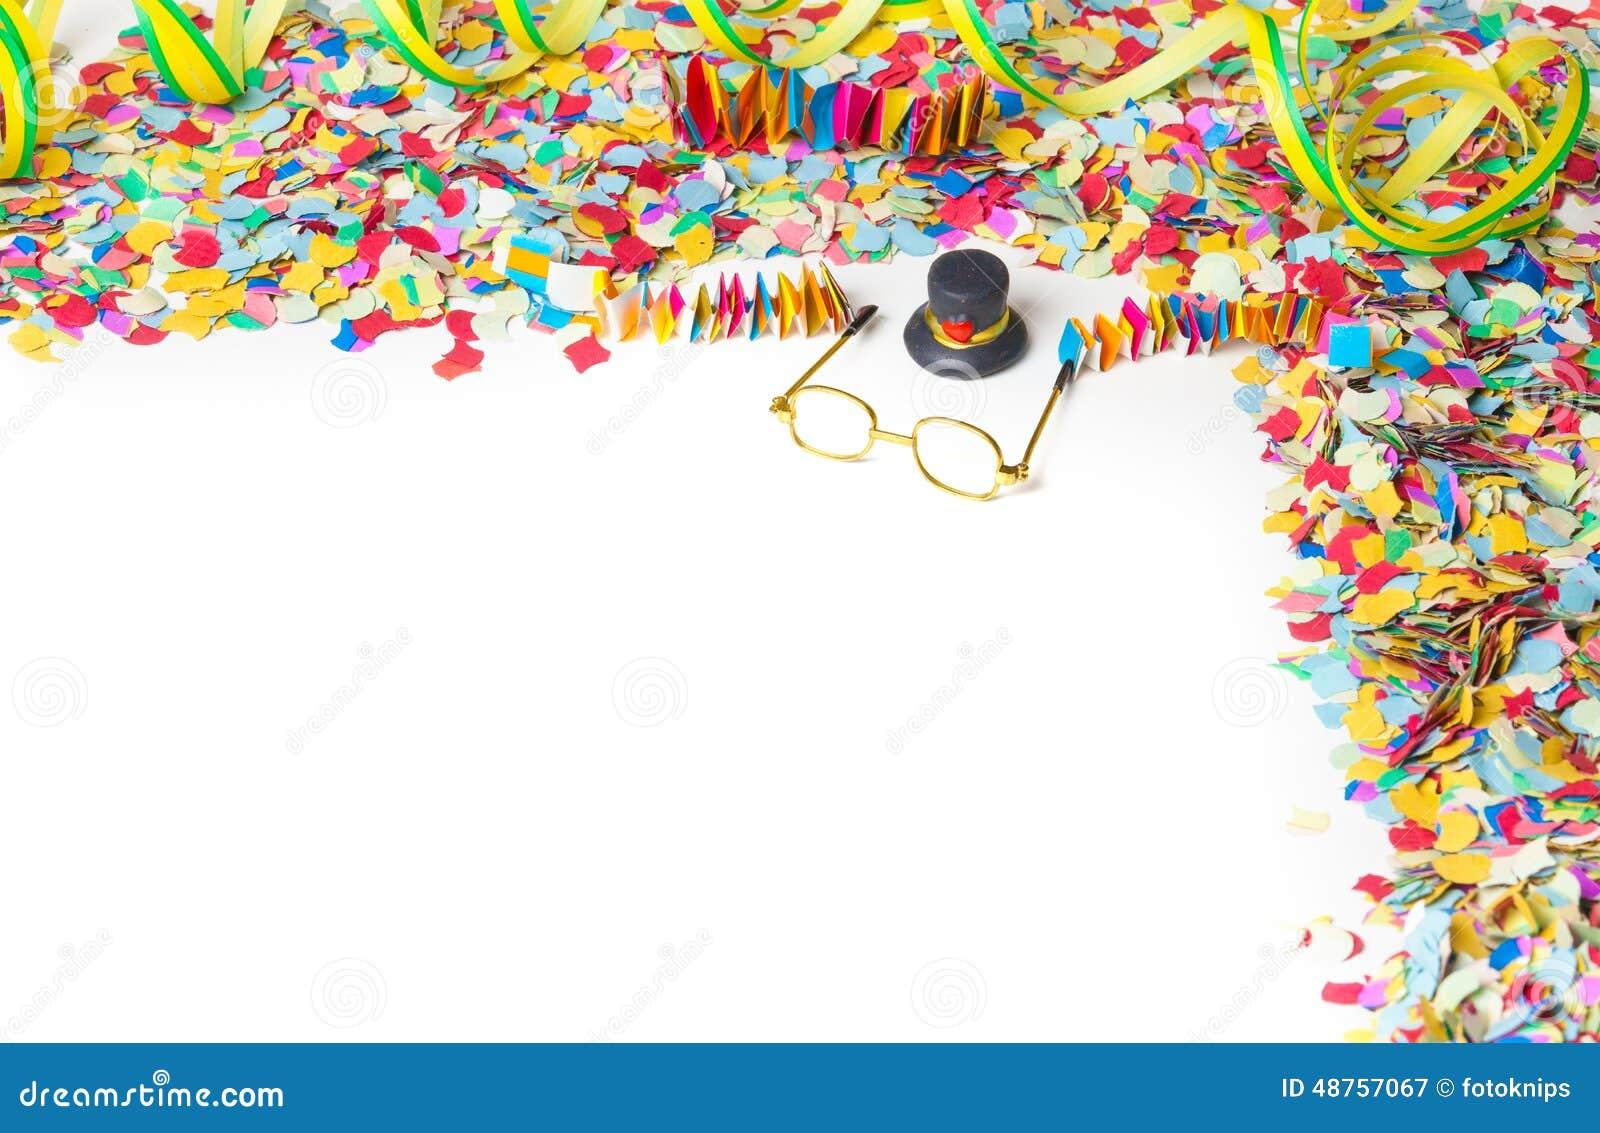 Karneval Konfetti Partei Hintergrund Stockbild Bild Von Treppen